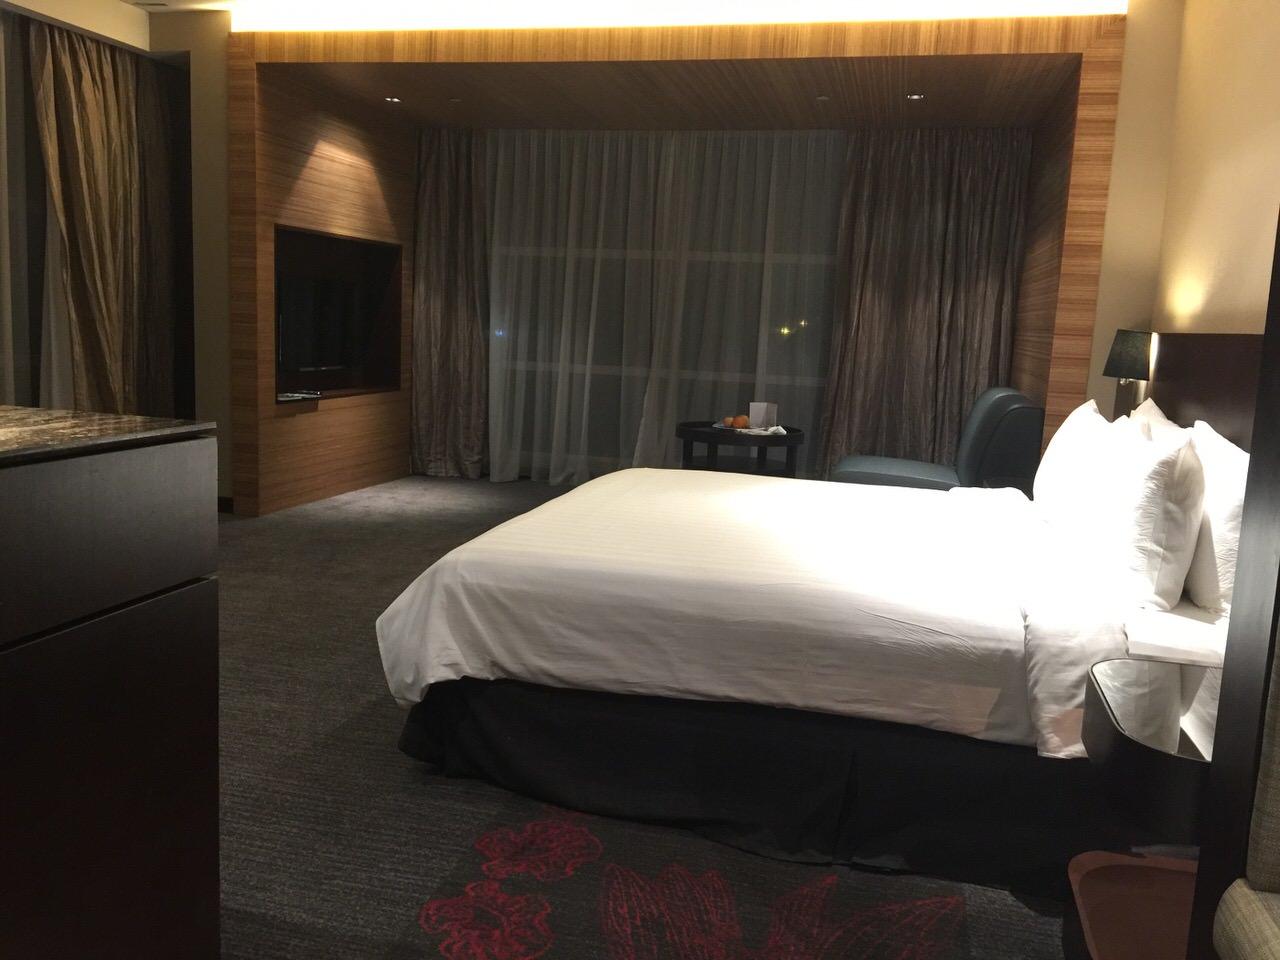 Hotel grandis 3916